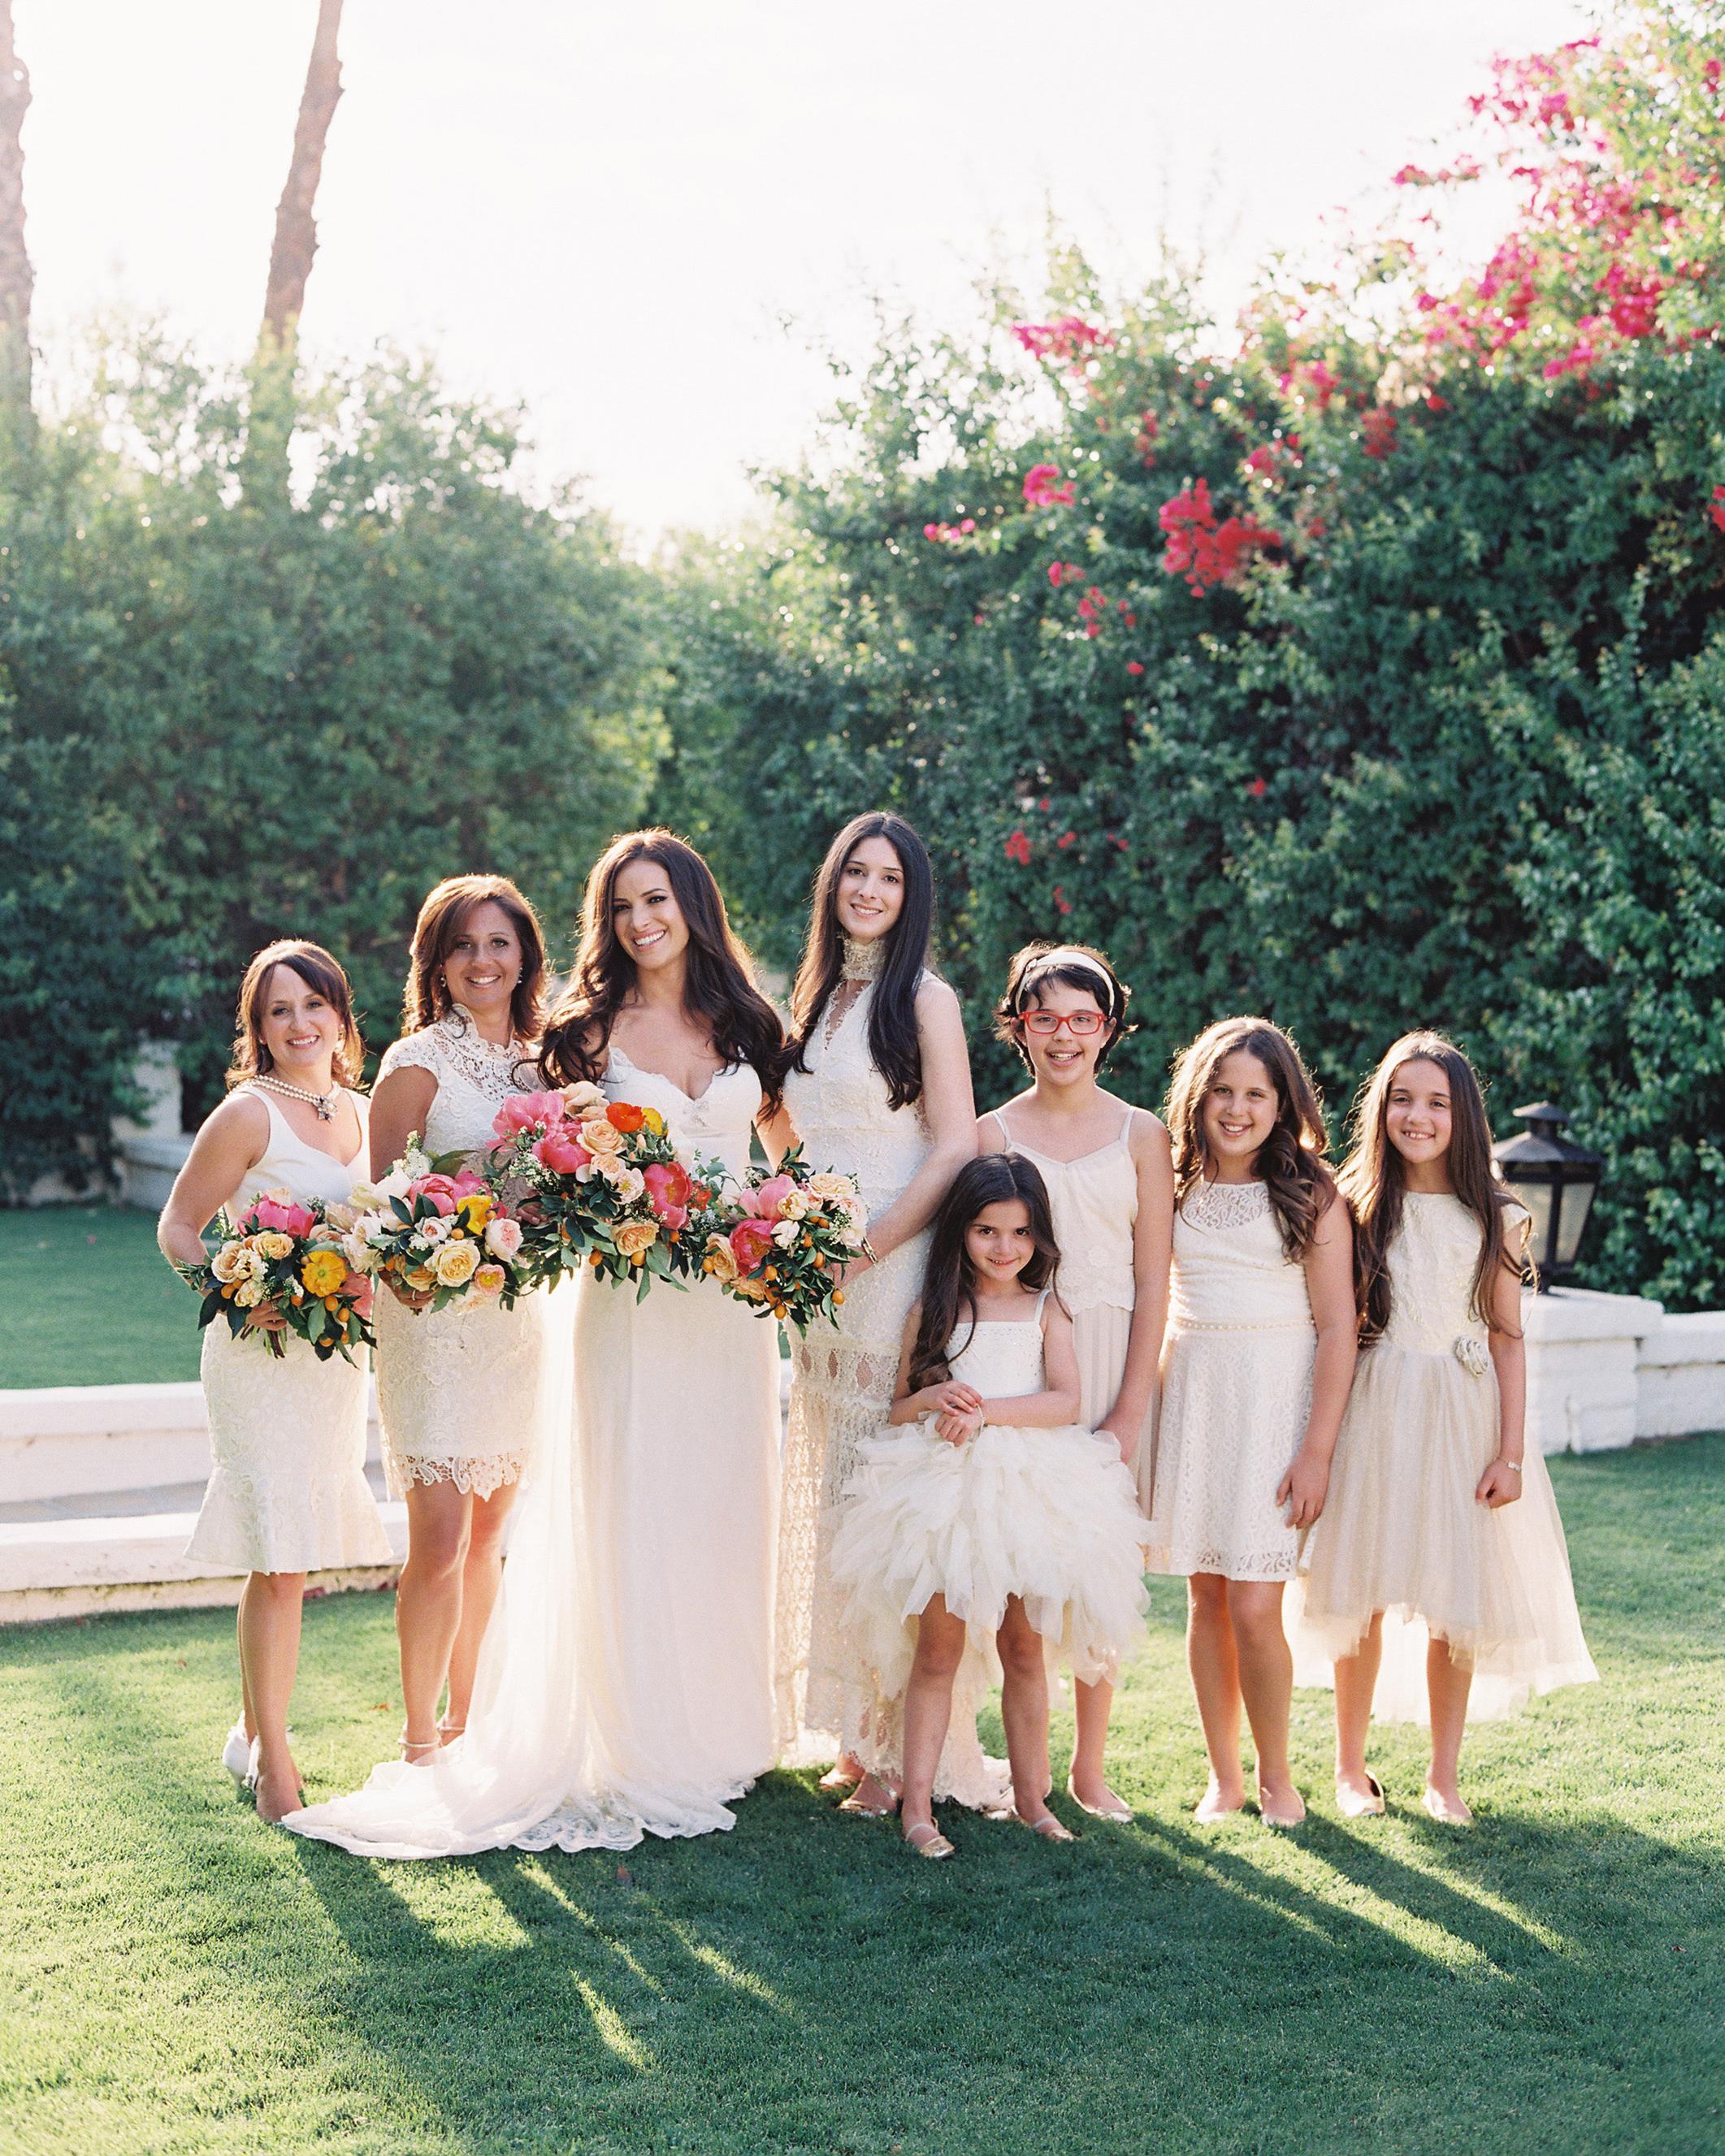 jackie-jason-wedding-palm-springs-0324-s111819-0615.jpg